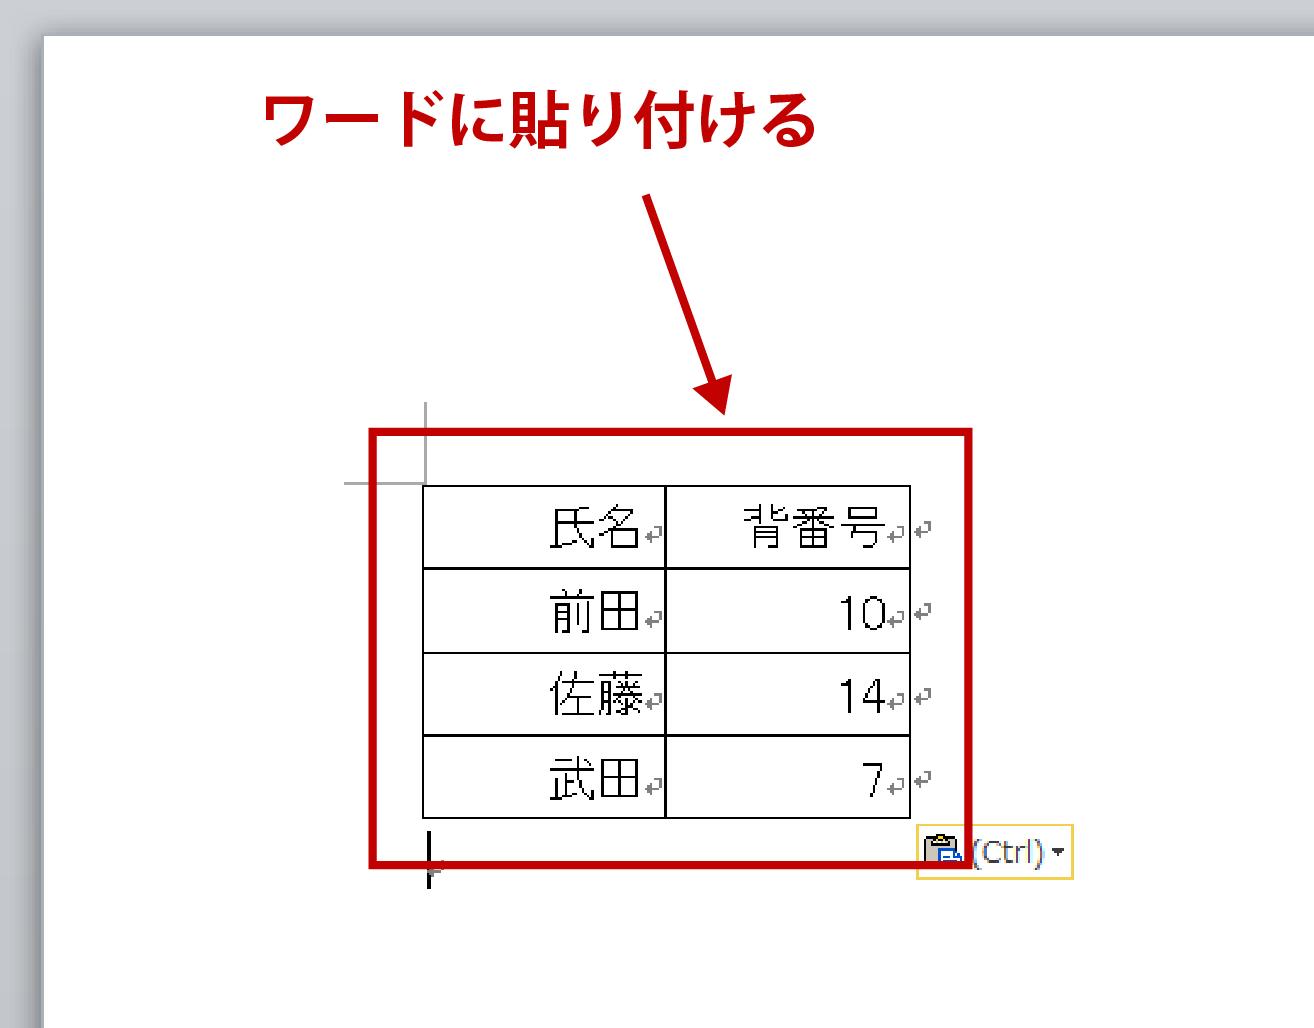 ワード・エクセル変換解説画像